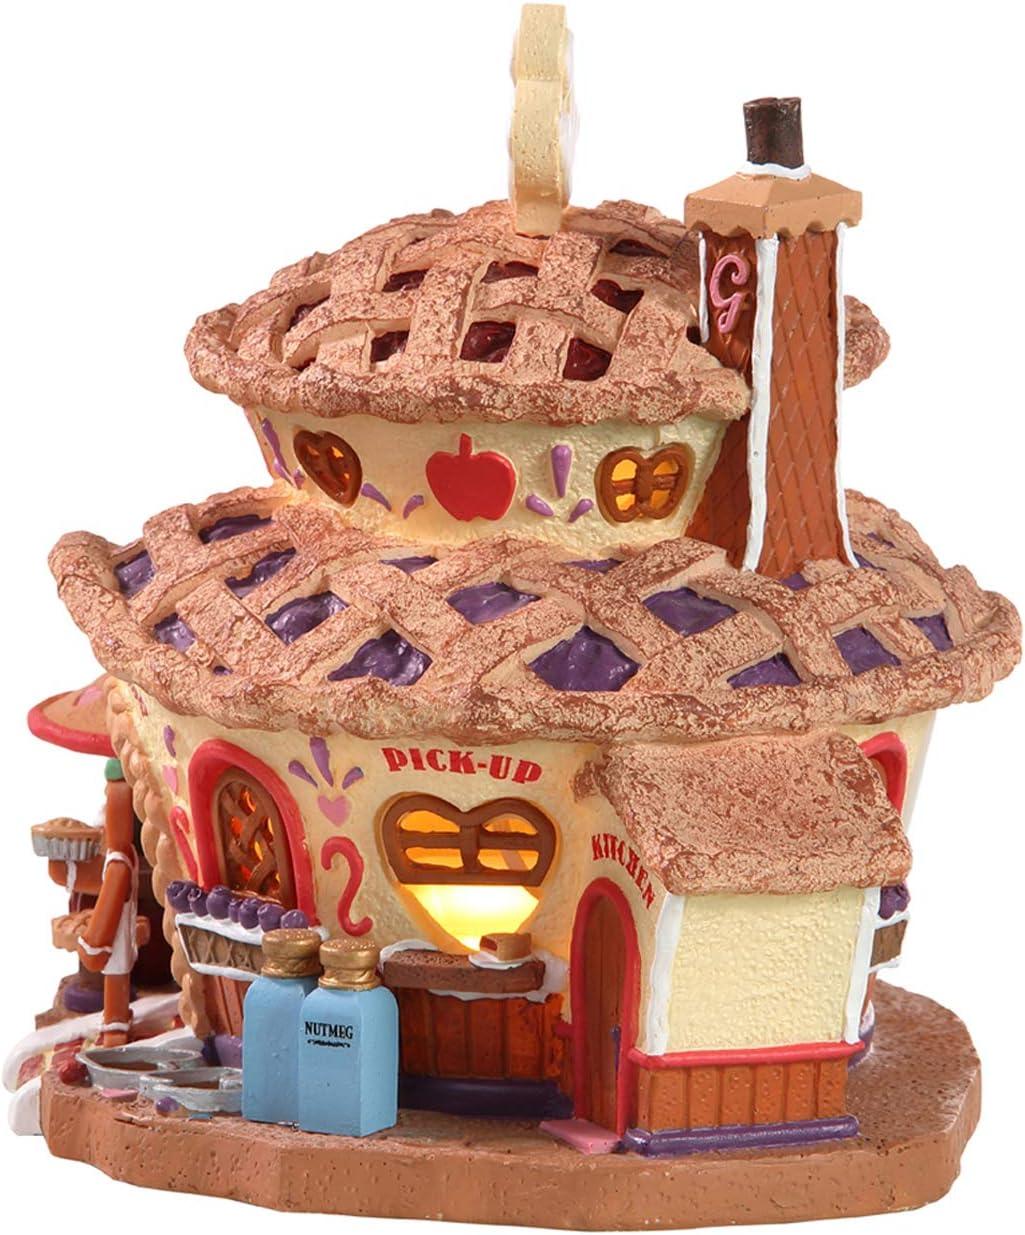 Weihnachtsdorf Haus Beleuchtetes Ingwer-Kuchen Gesch/äft NEU 2019 Lemax 85437 Gingers Pie Shop Sugar N Spice